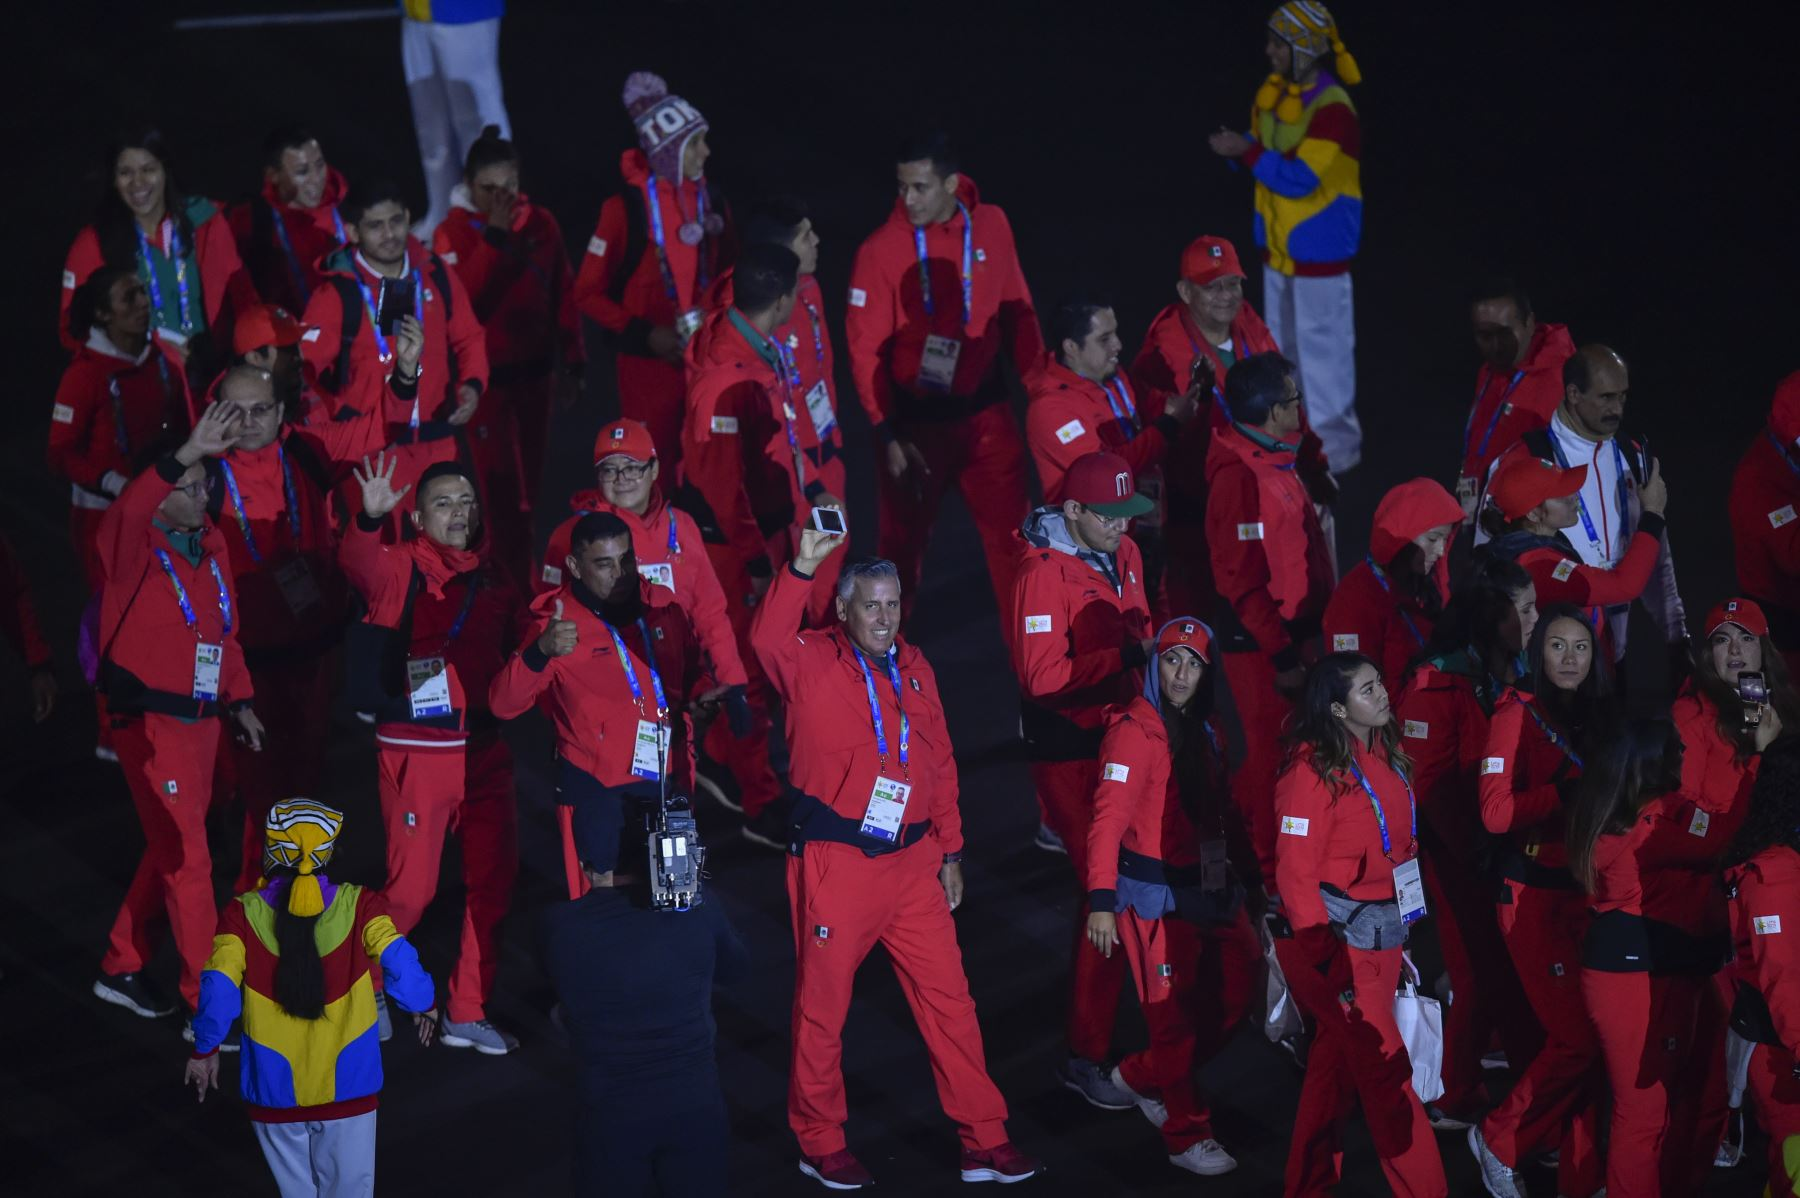 La delegación de México participa en el Desfile de las Naciones durante la ceremonia de clausura de los Juegos Panamericanos de Lima 2019 en Lima el 11 de agosto de 2019. AFP